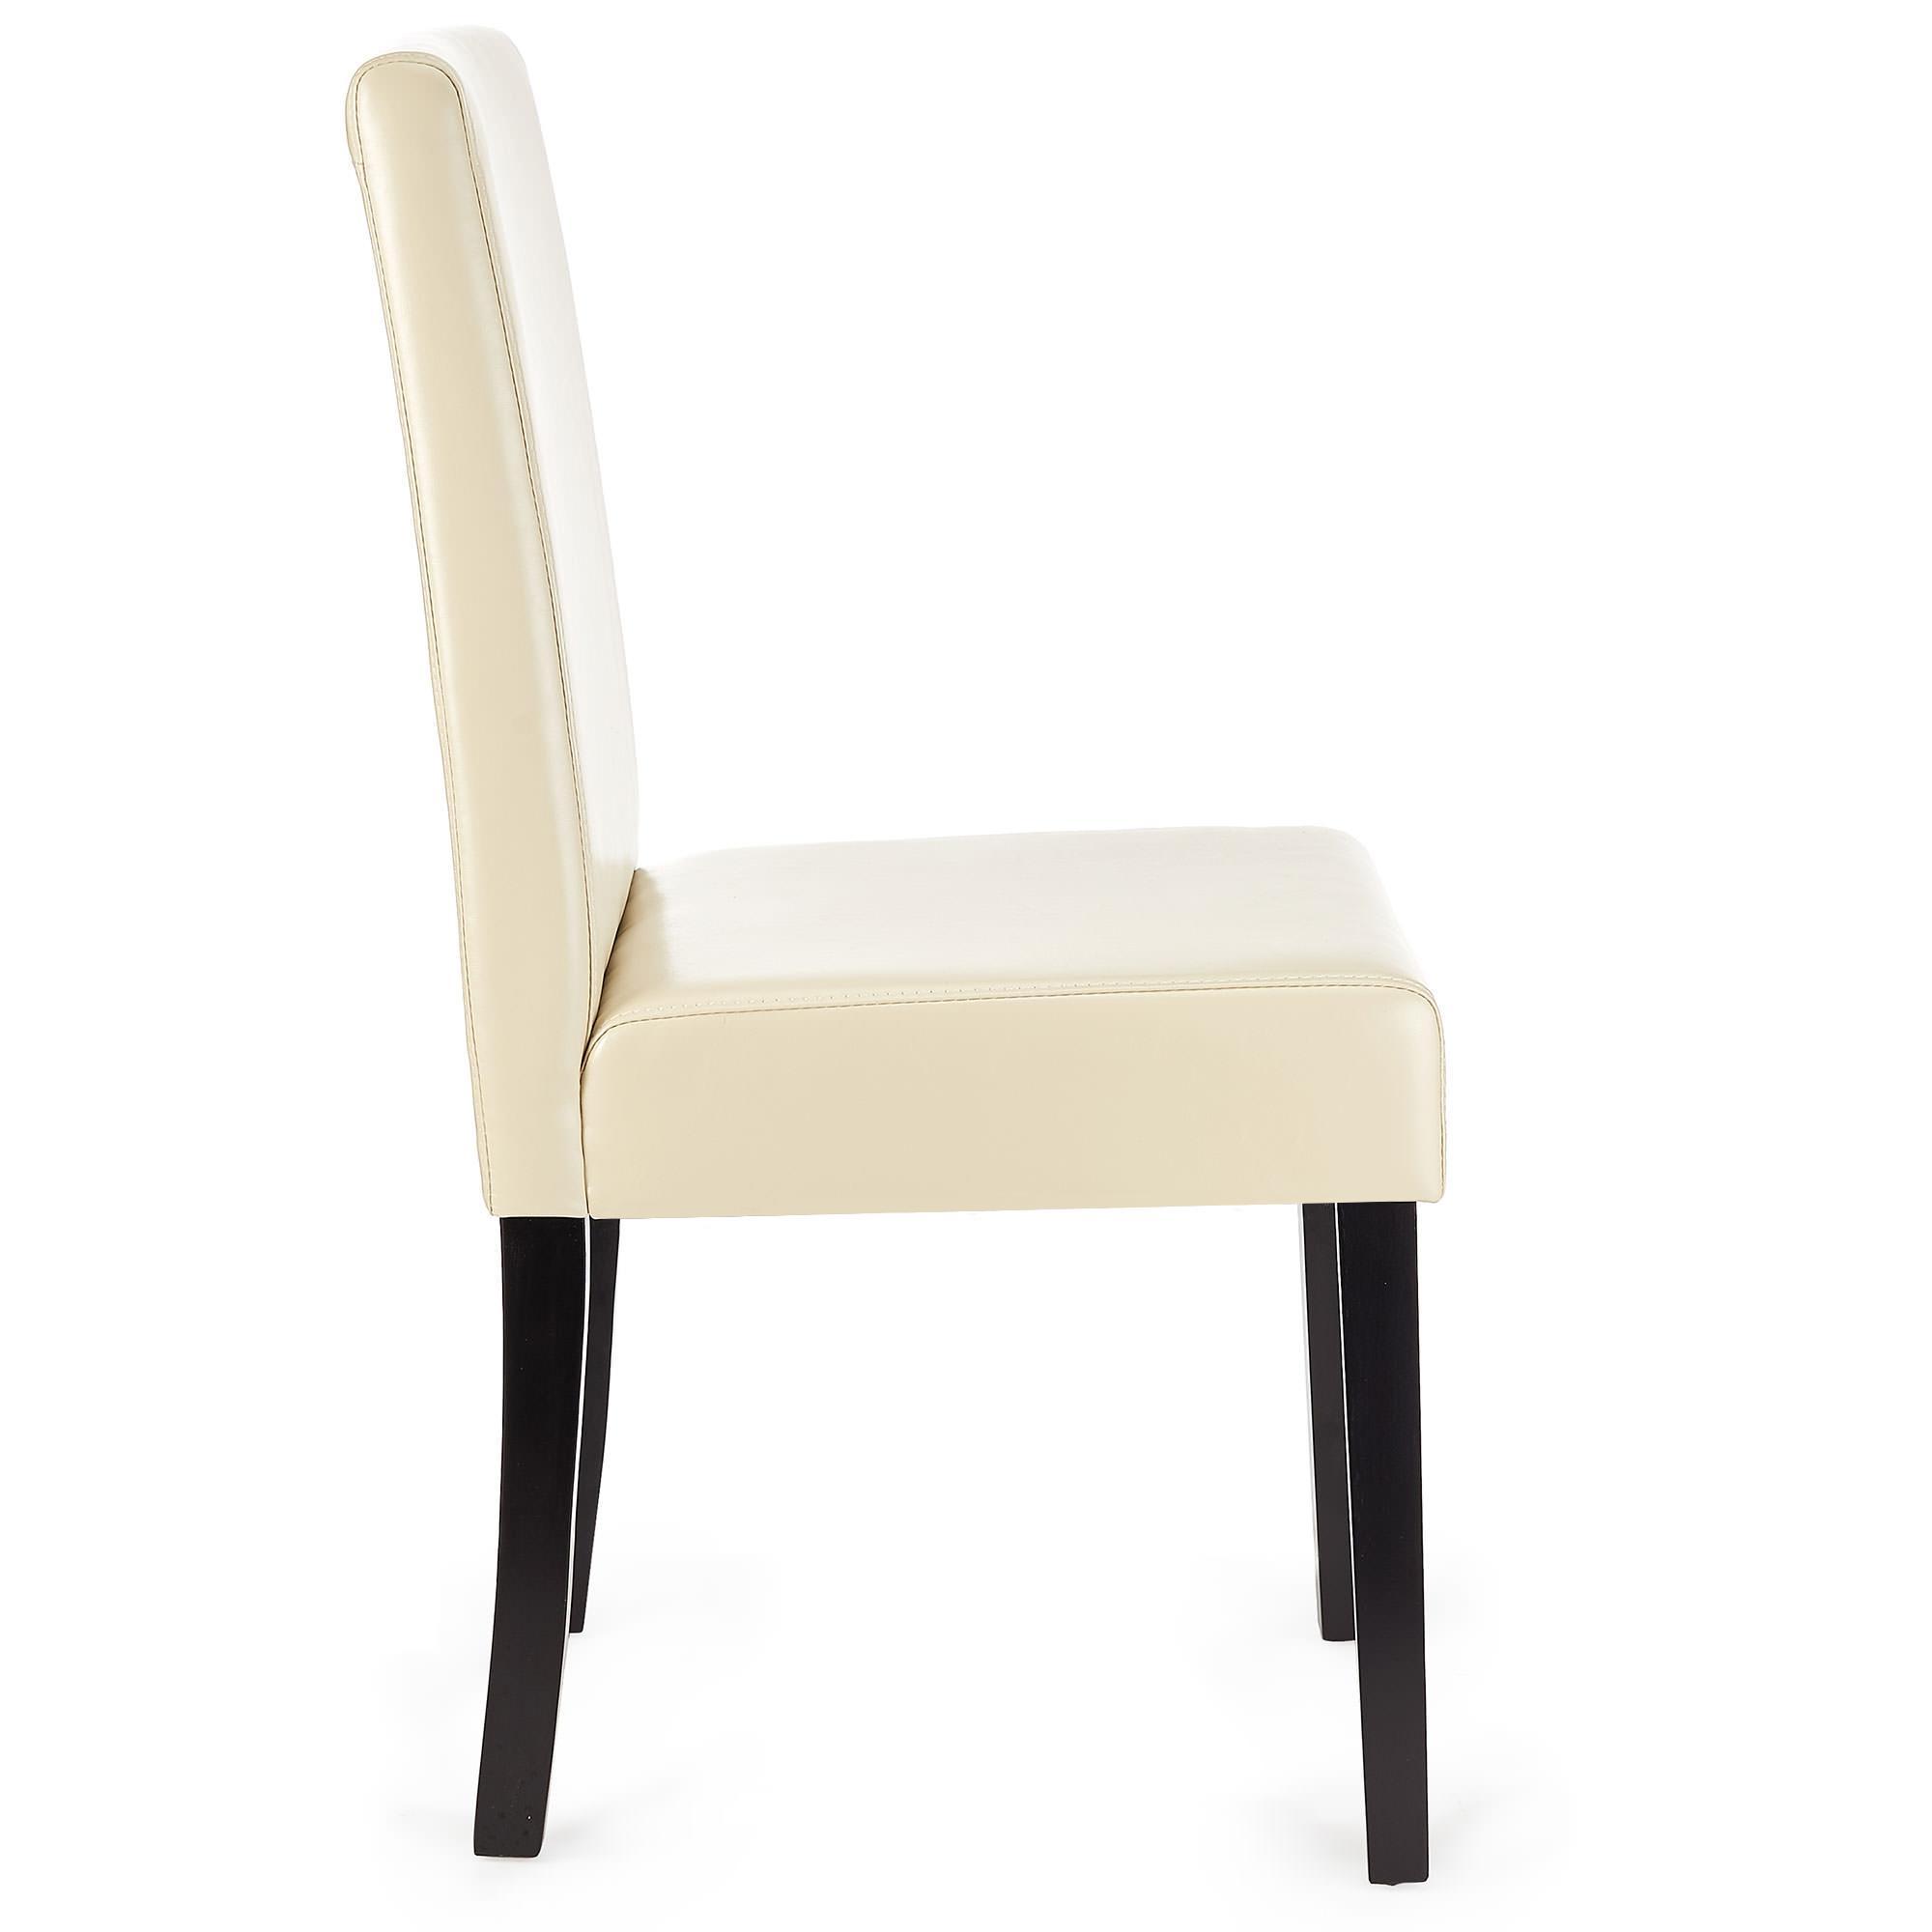 Lote 6 sillas m01 madera y polipiel crema patas oscuras for Sillas comedor polipiel beige